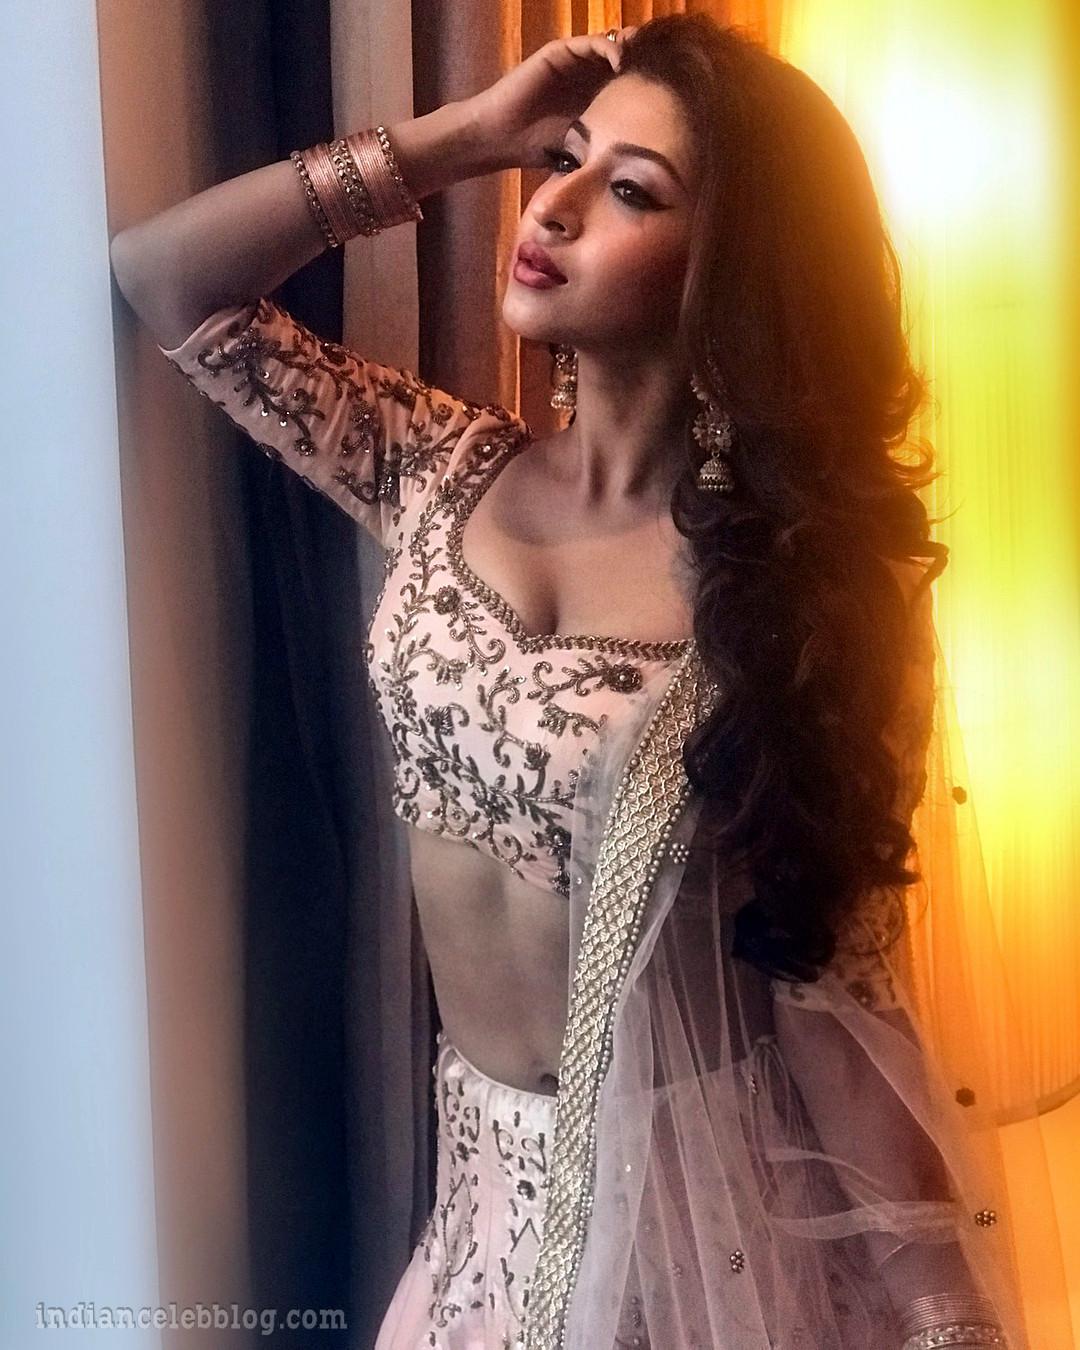 Sonarika bhadoria hindi tv actress CTS7 2 hot photo